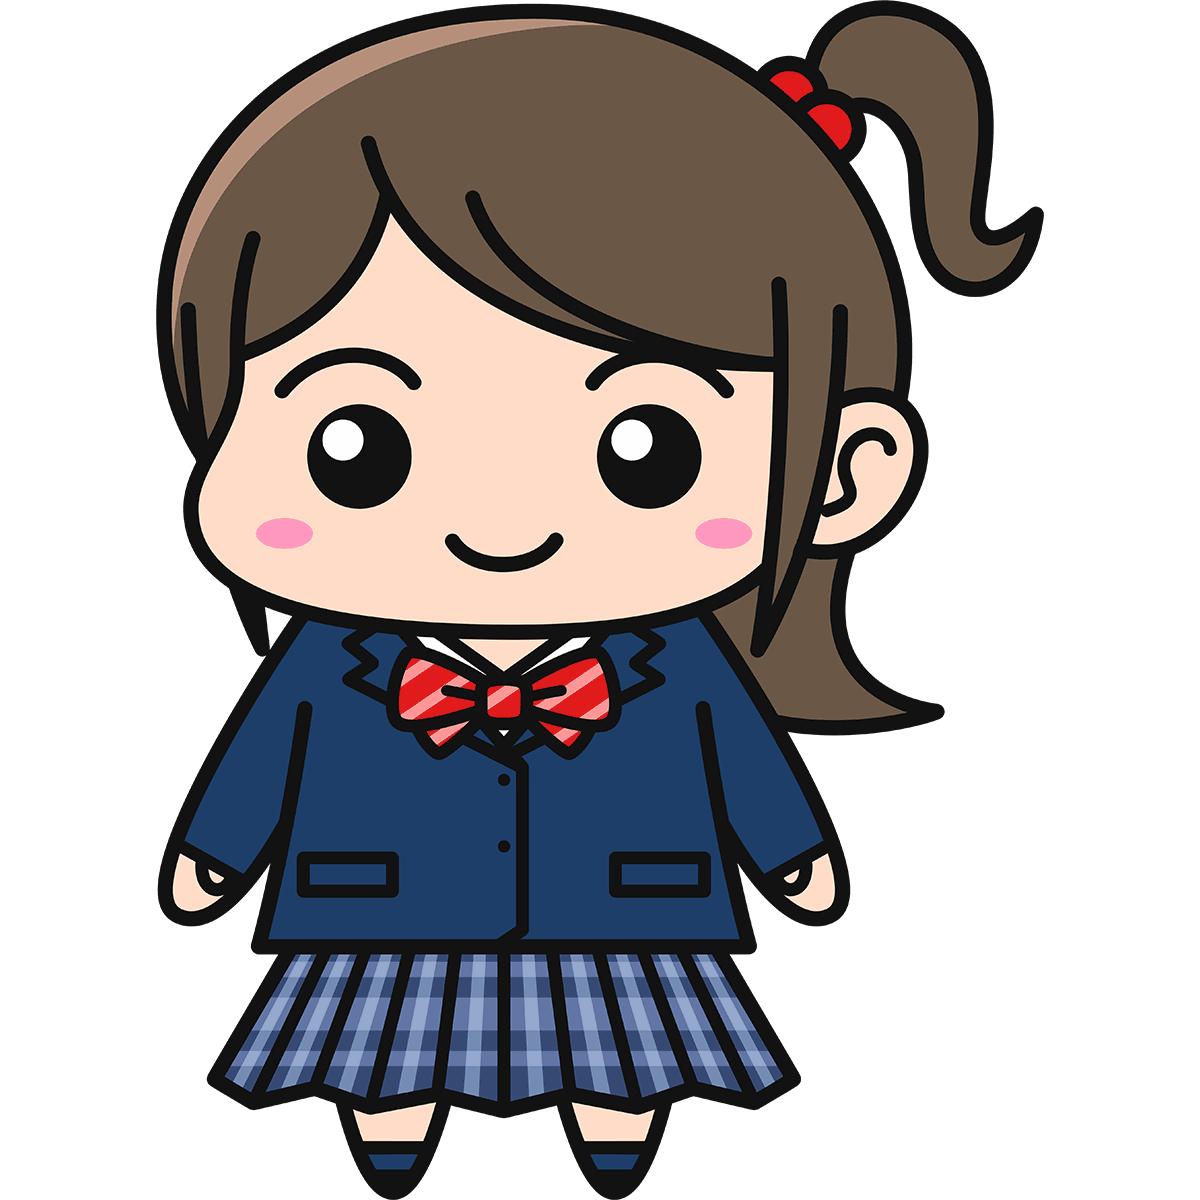 女子高生(ブレザー/冬服)の無料イラスト